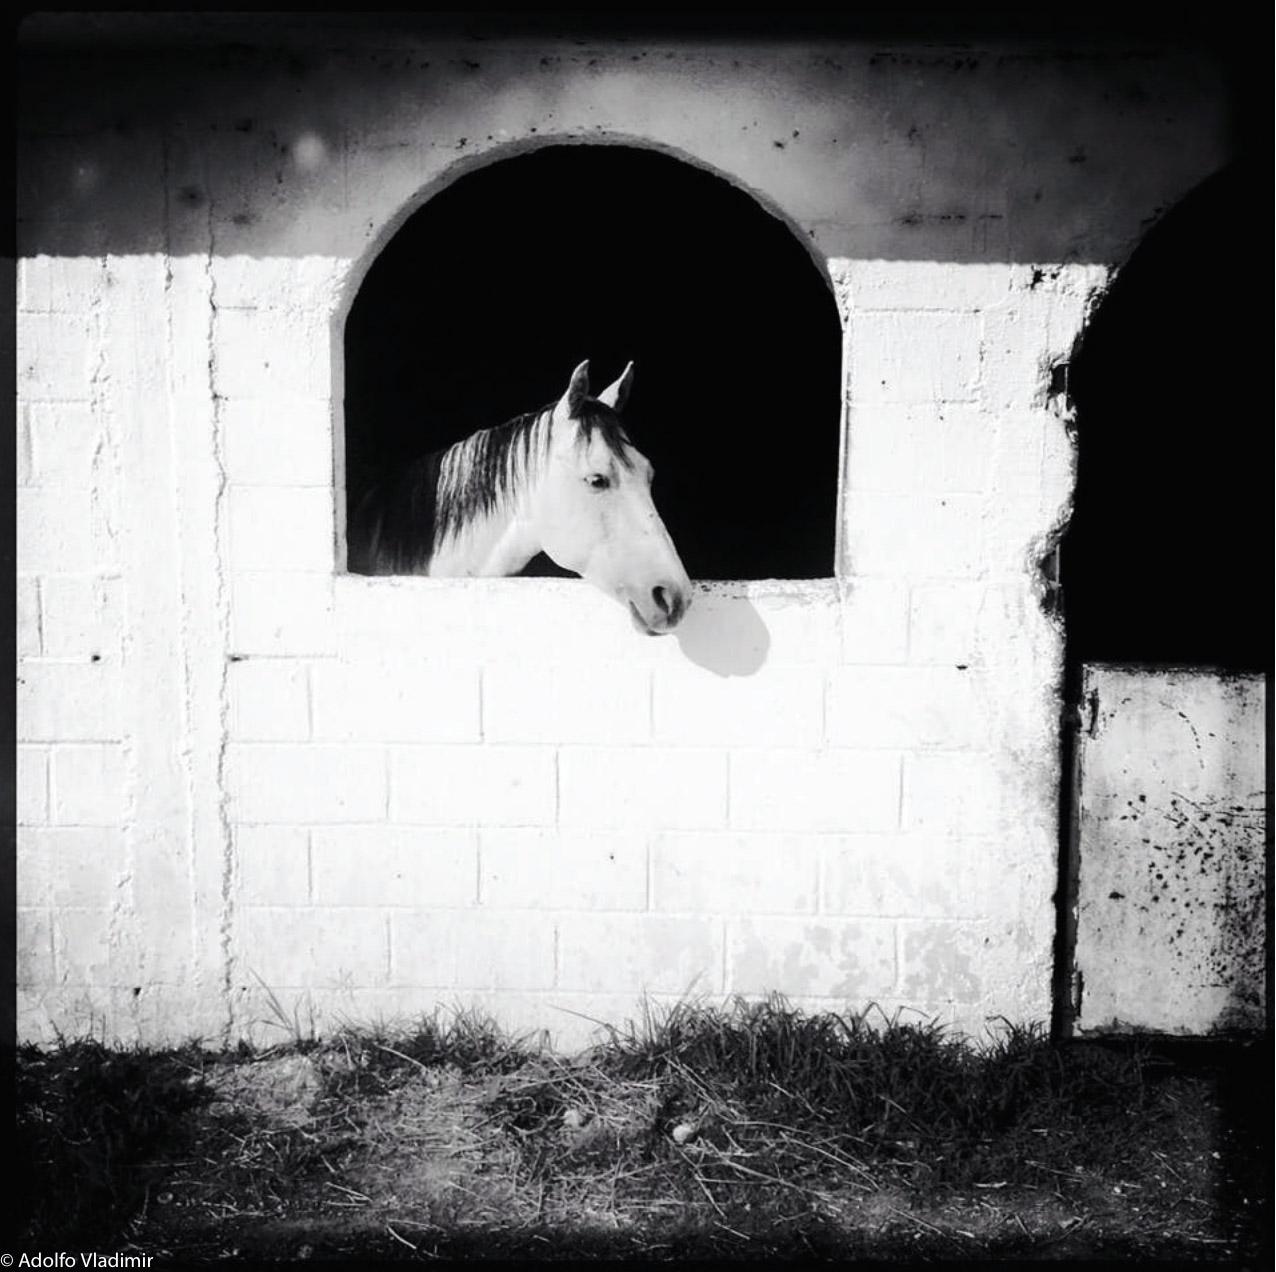 © Adolfo Vladimir